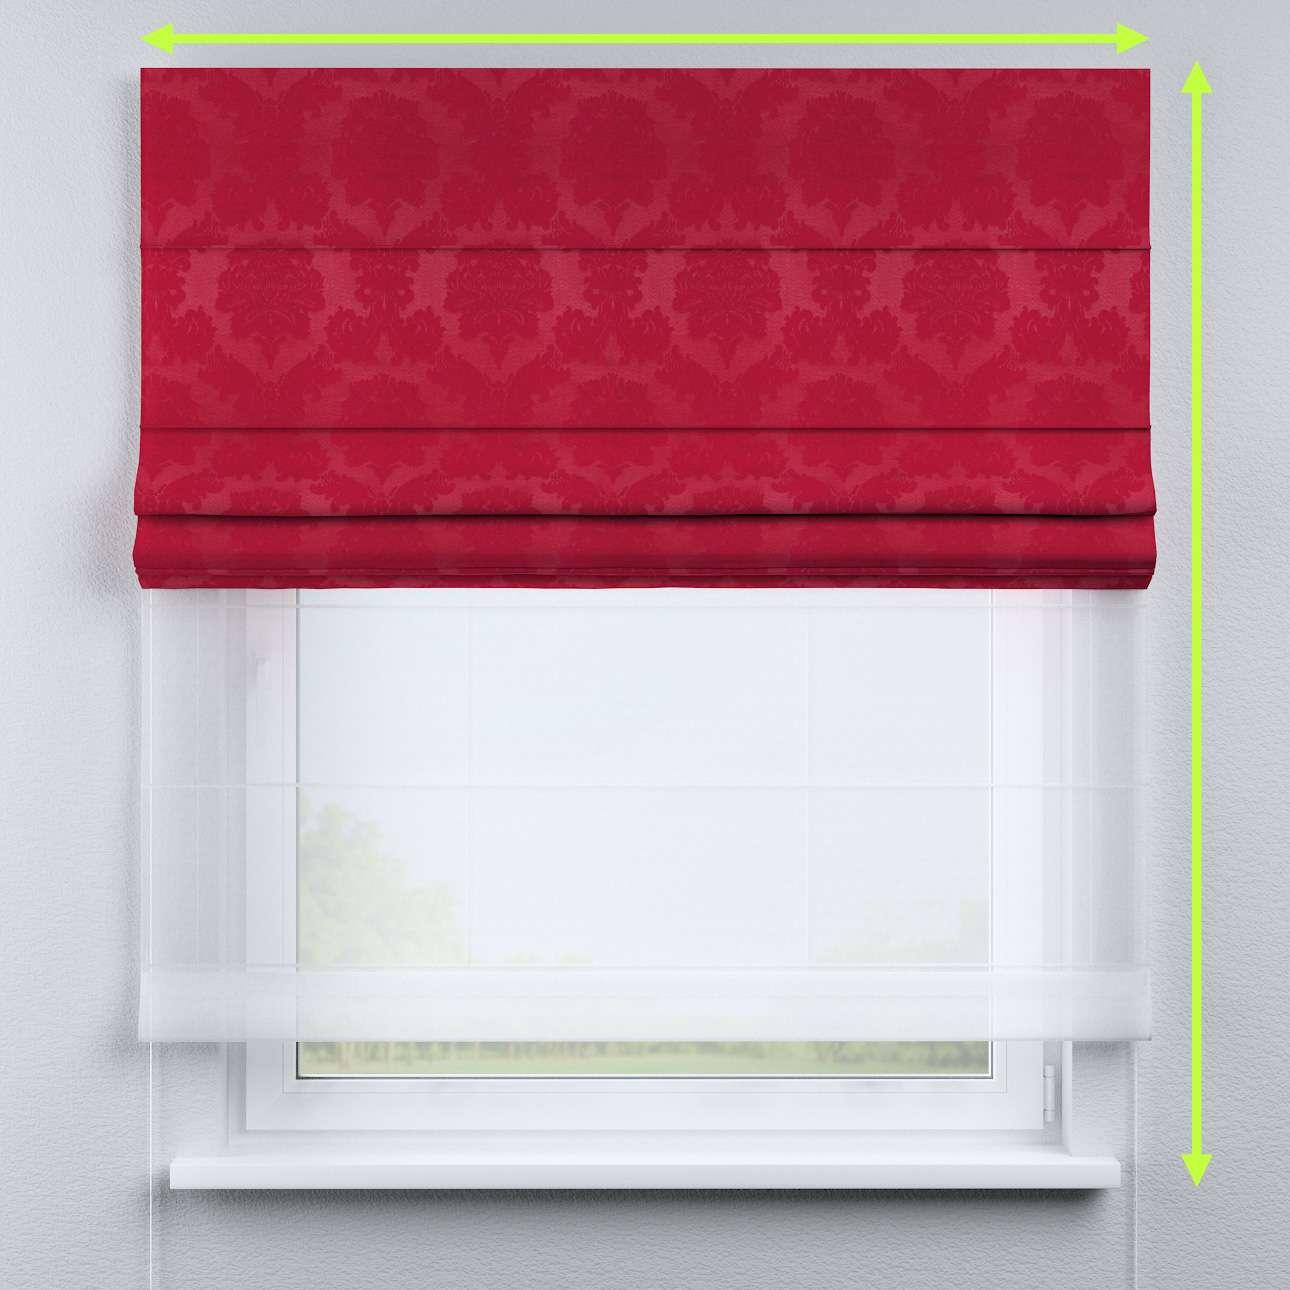 Roleta rzymska Duo w kolekcji Damasco, tkanina: 613-13